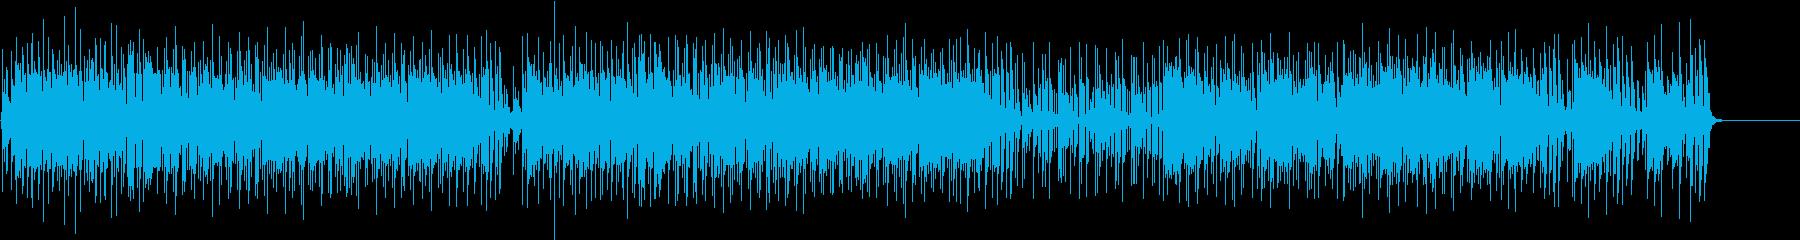 シューベルト 鱒(ます)明るいボサノバの再生済みの波形